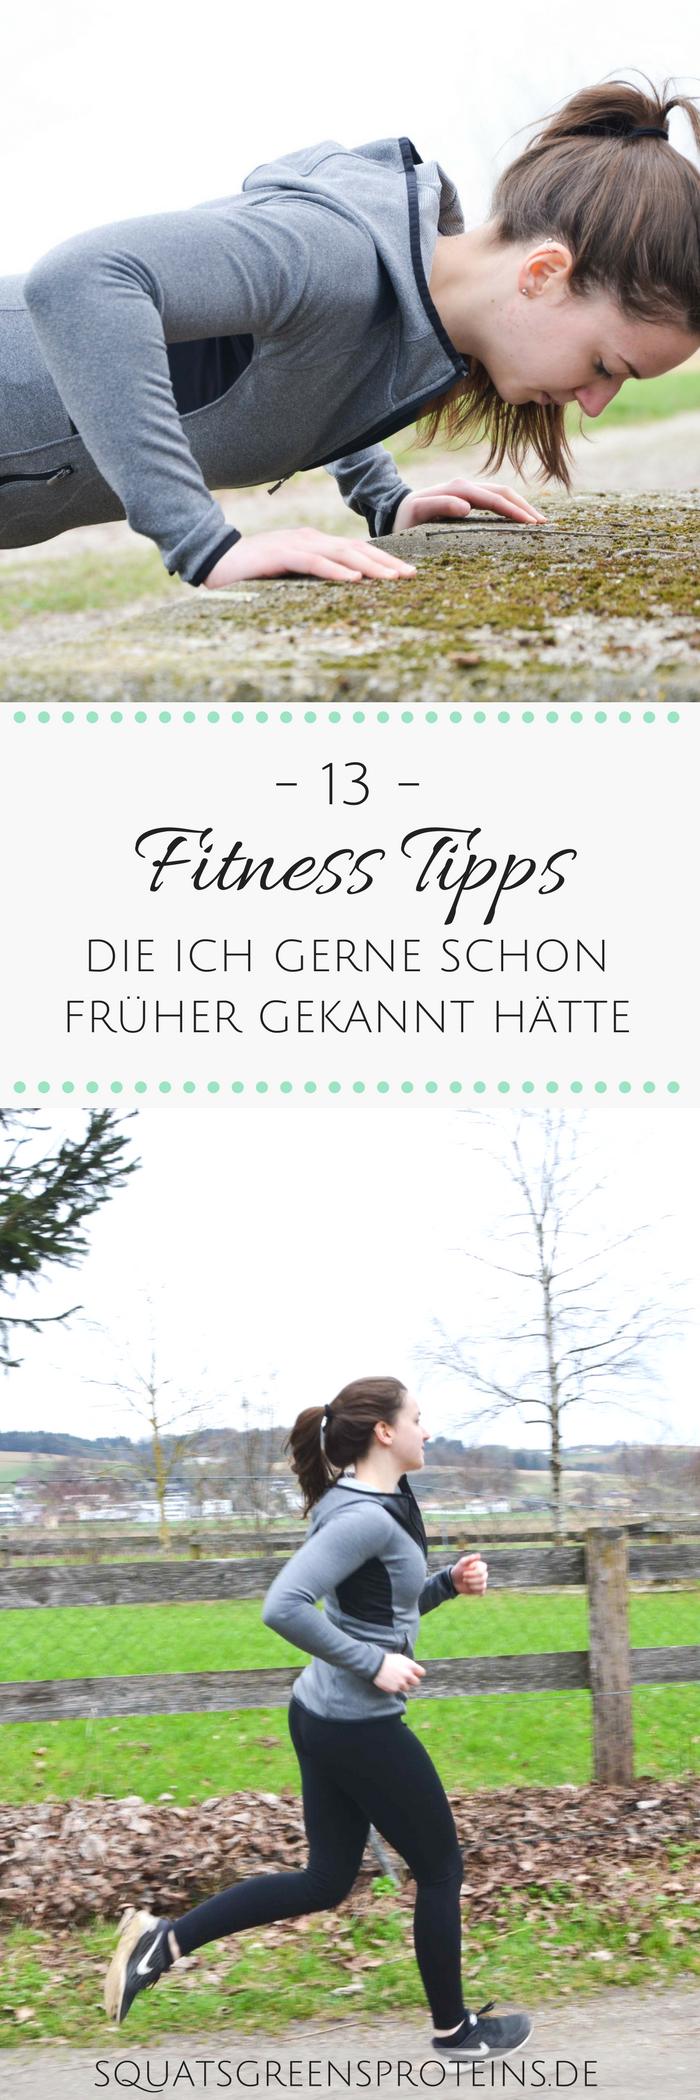 #anfngerfehler #fitnesstipps #gesundheit #abnehmen #proteins #gekannt #fitness #squats #greens #scho...